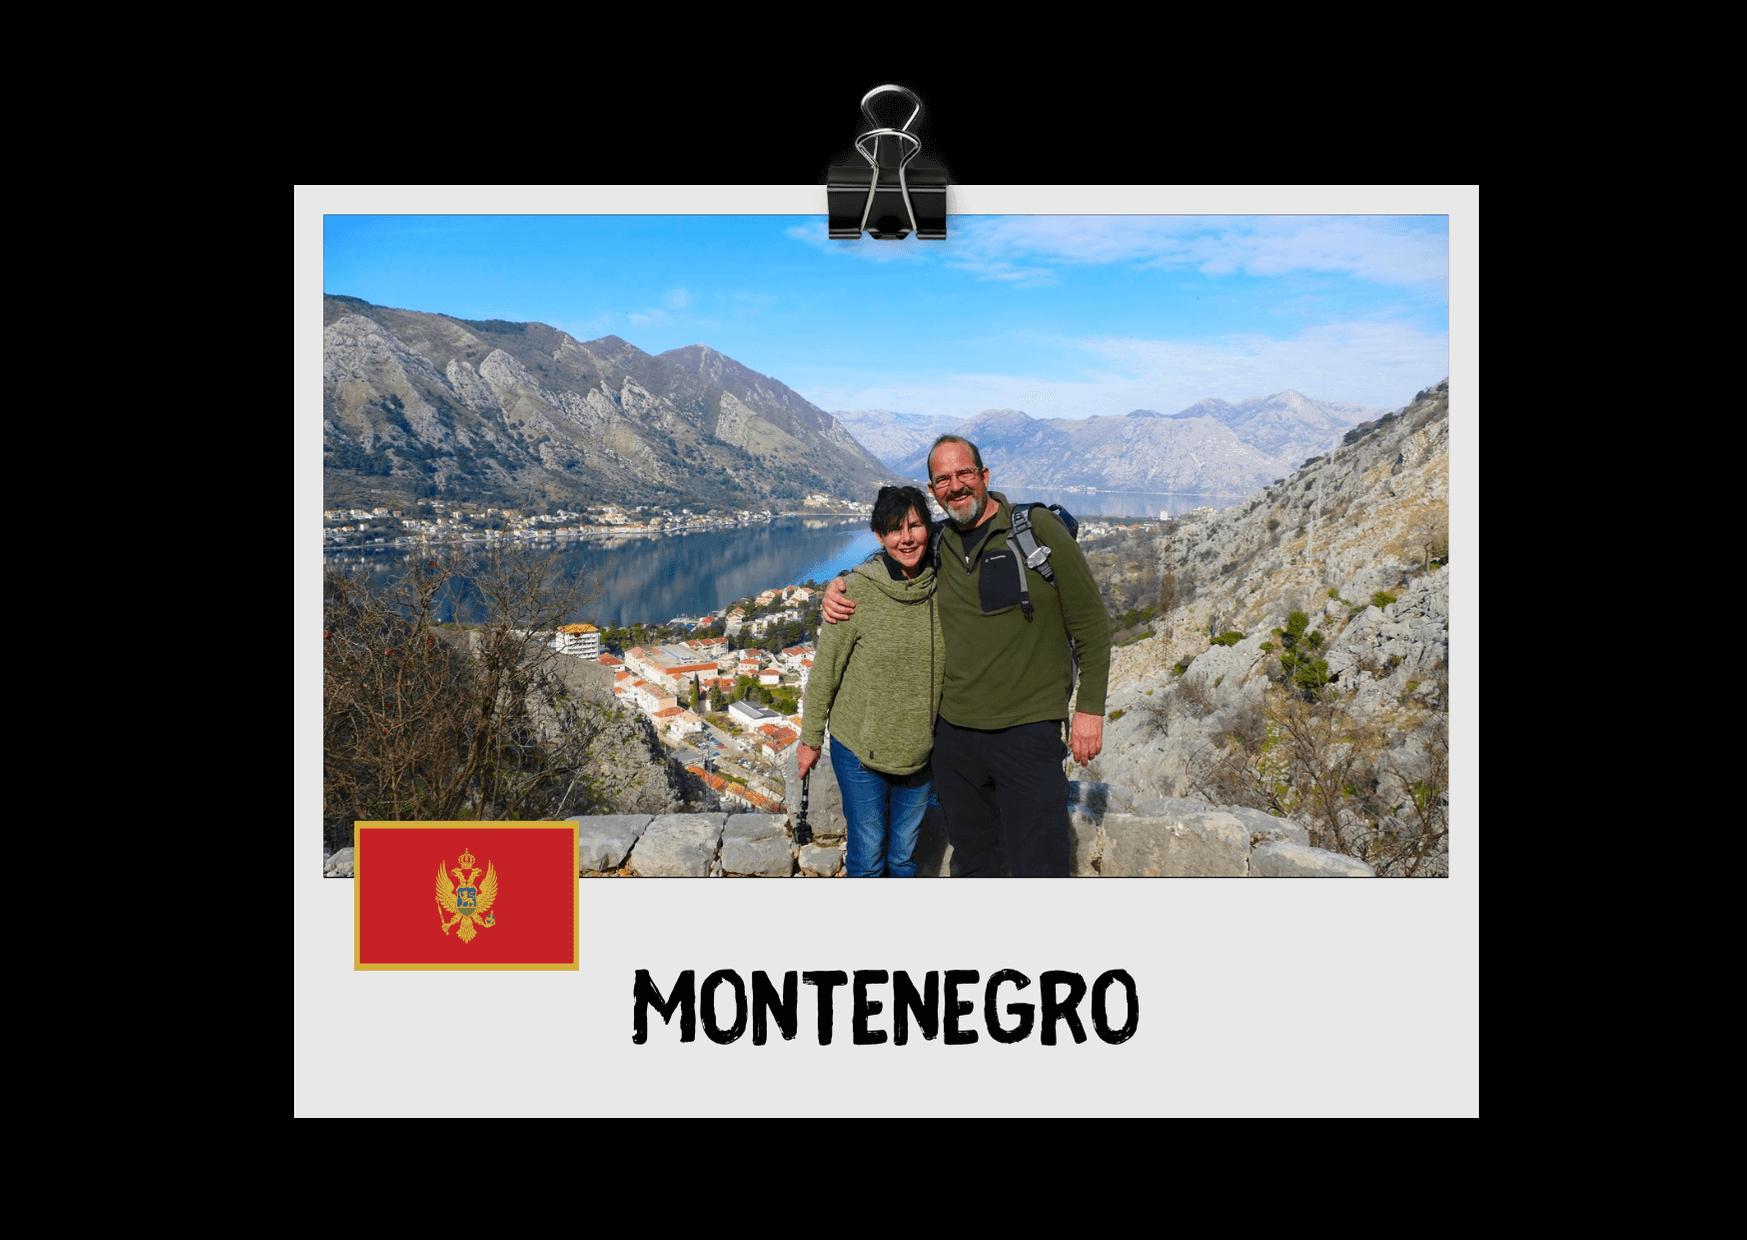 Van Life in Montenegro